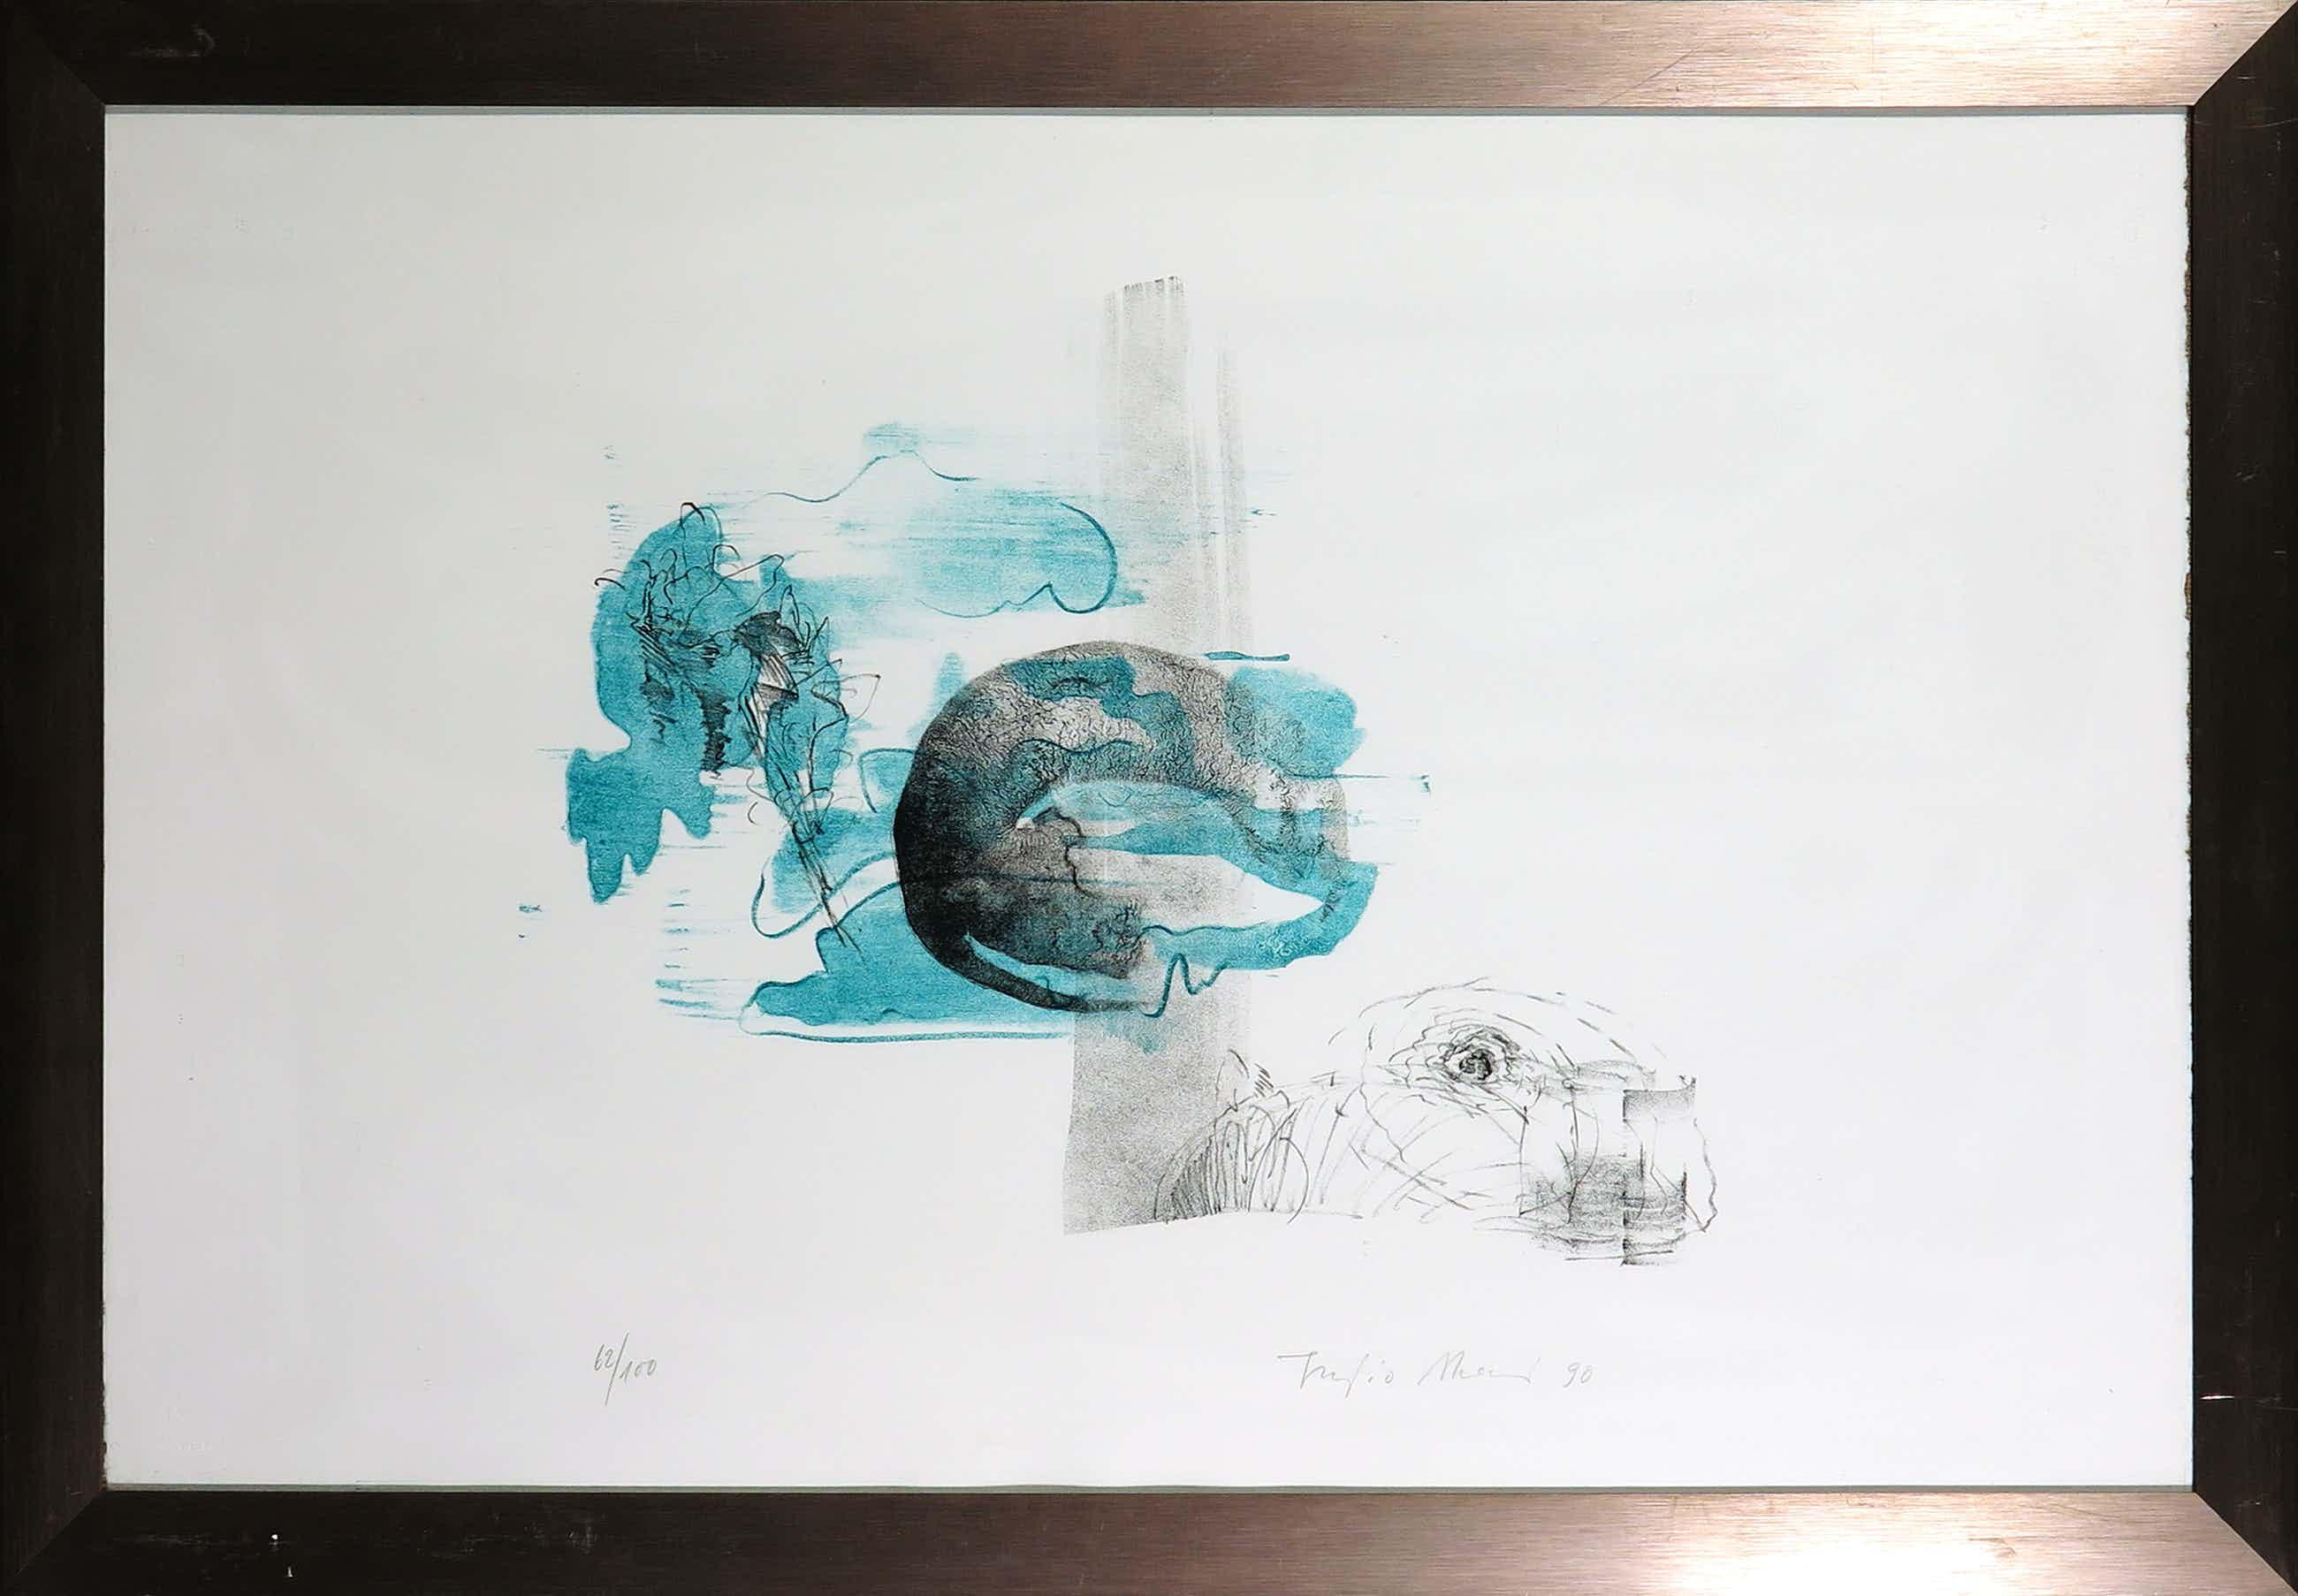 Fujio Akai - Litho, Z.T. Abstracte compositie - Ingelijst kopen? Bied vanaf 3!